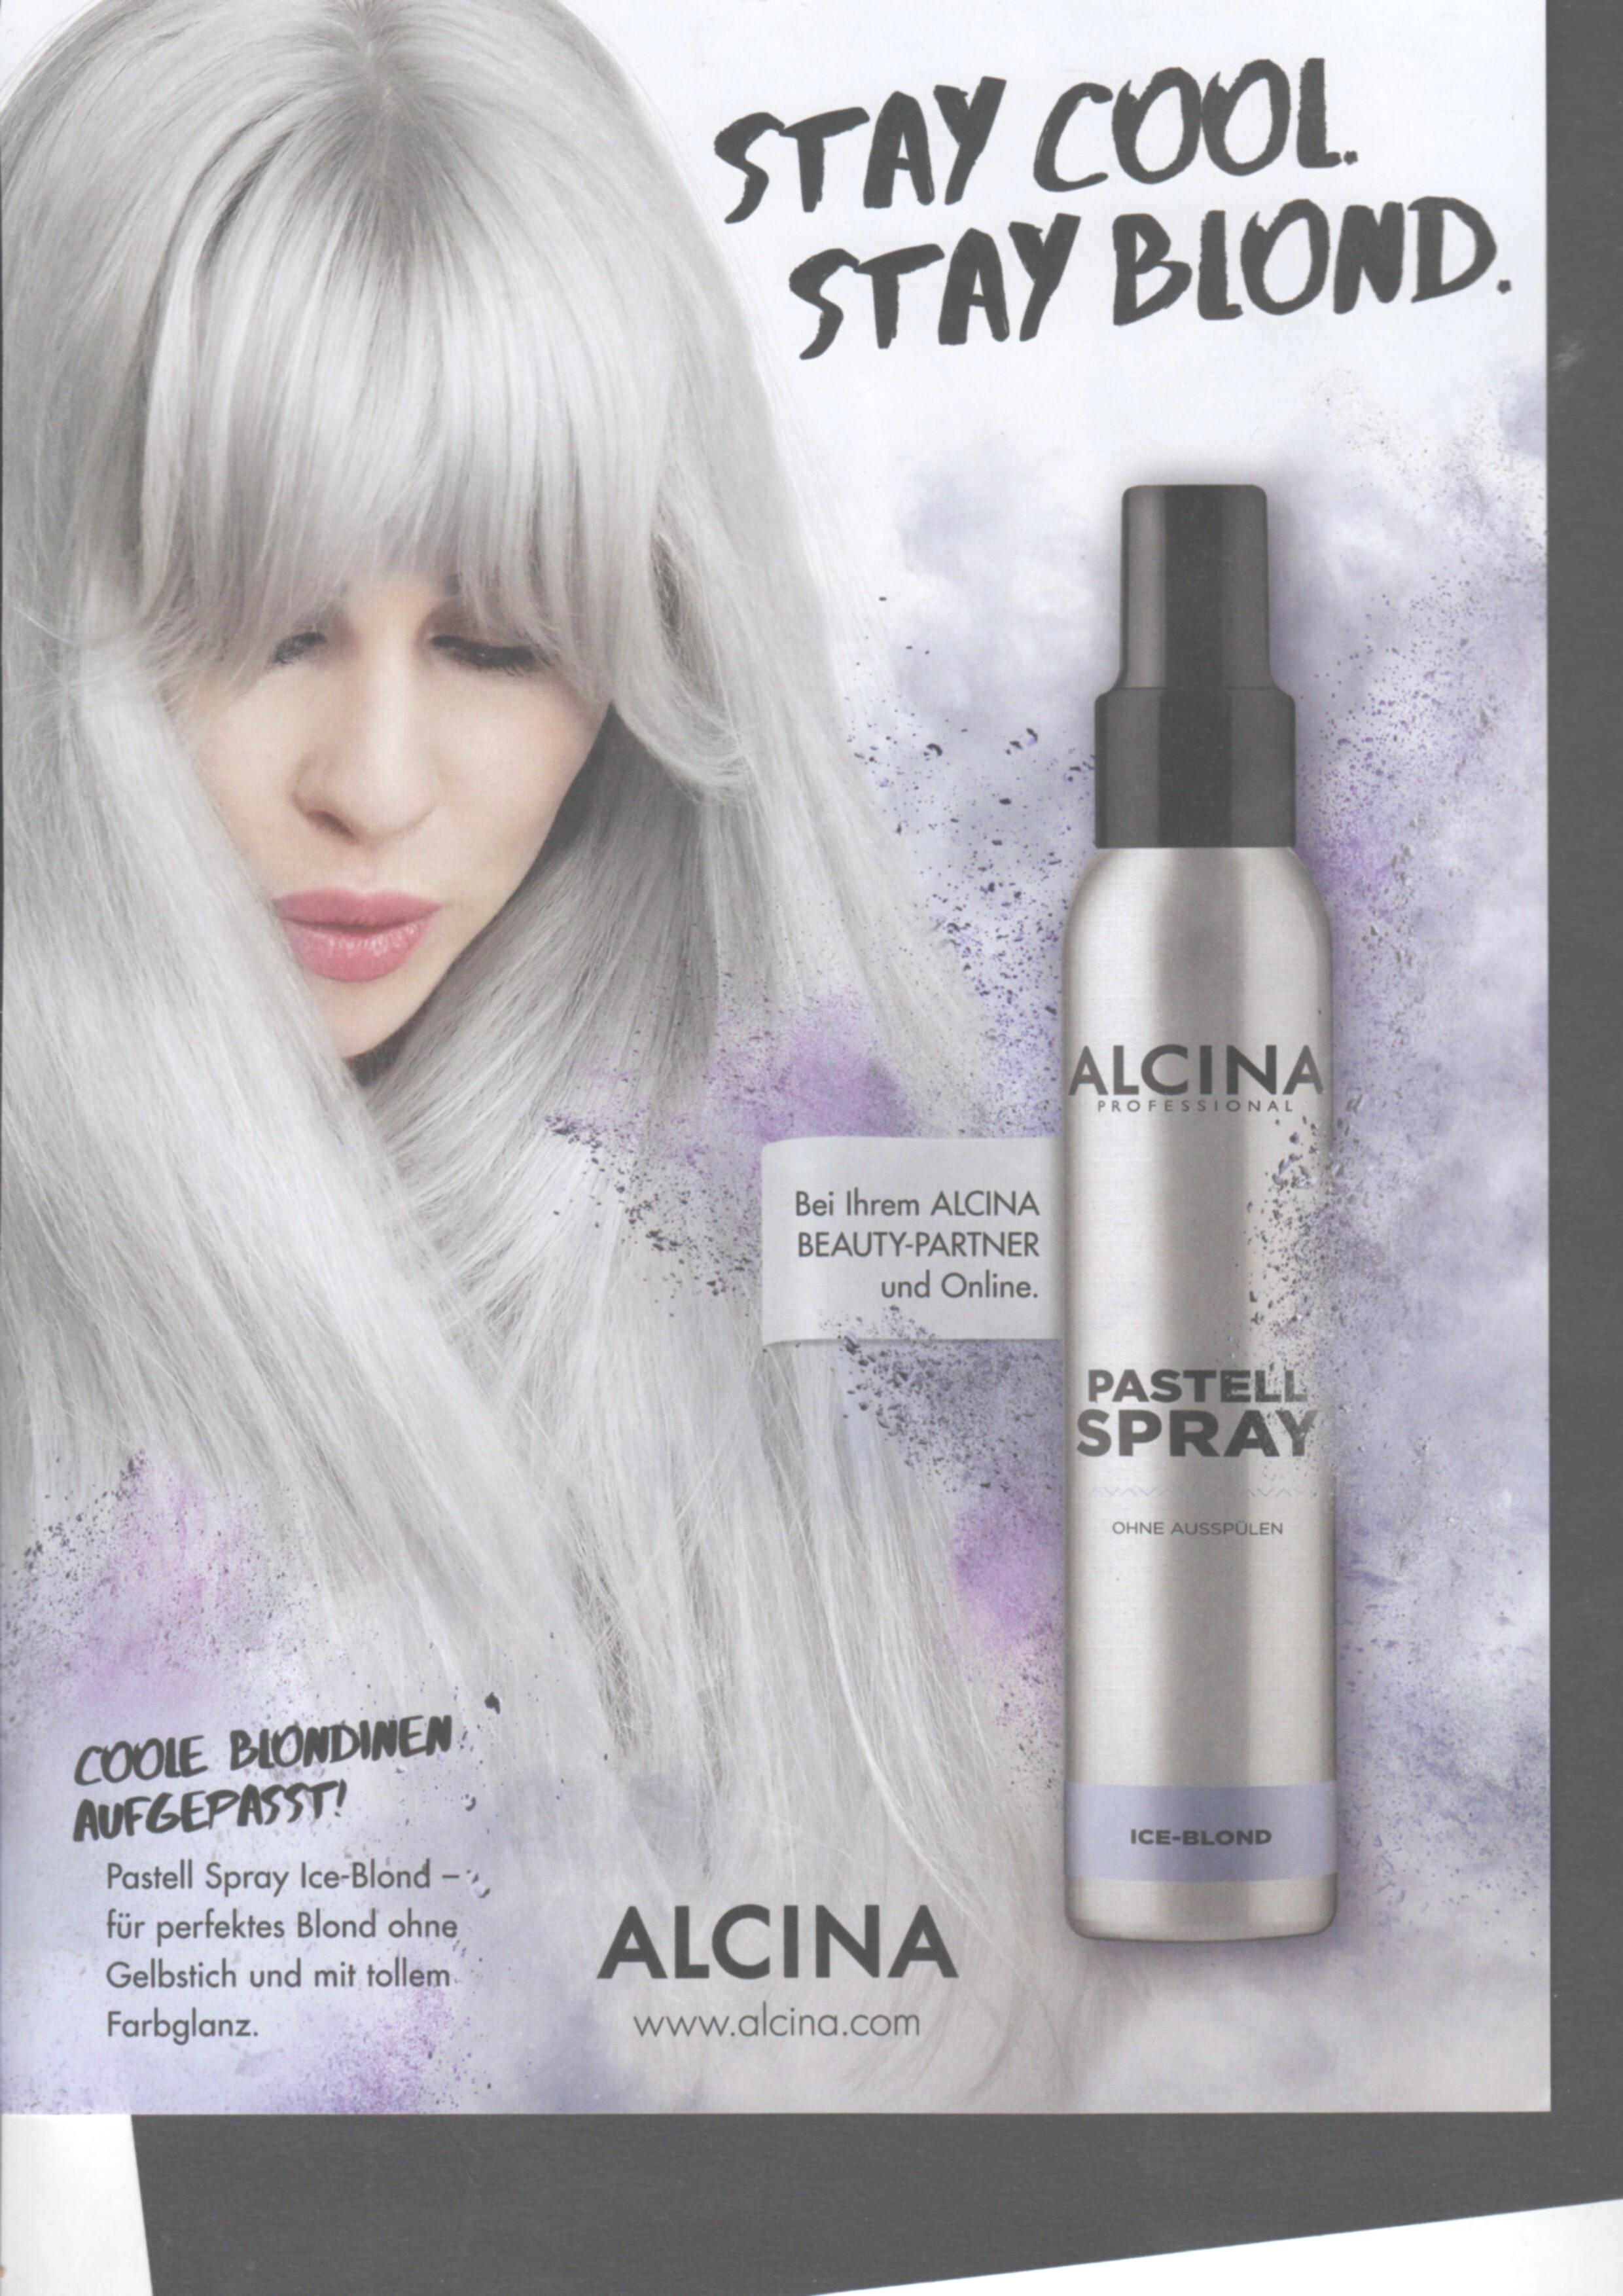 Wenn Eine Blondine Einen Stich Hat Hilft Alcina Spiesser Alfons